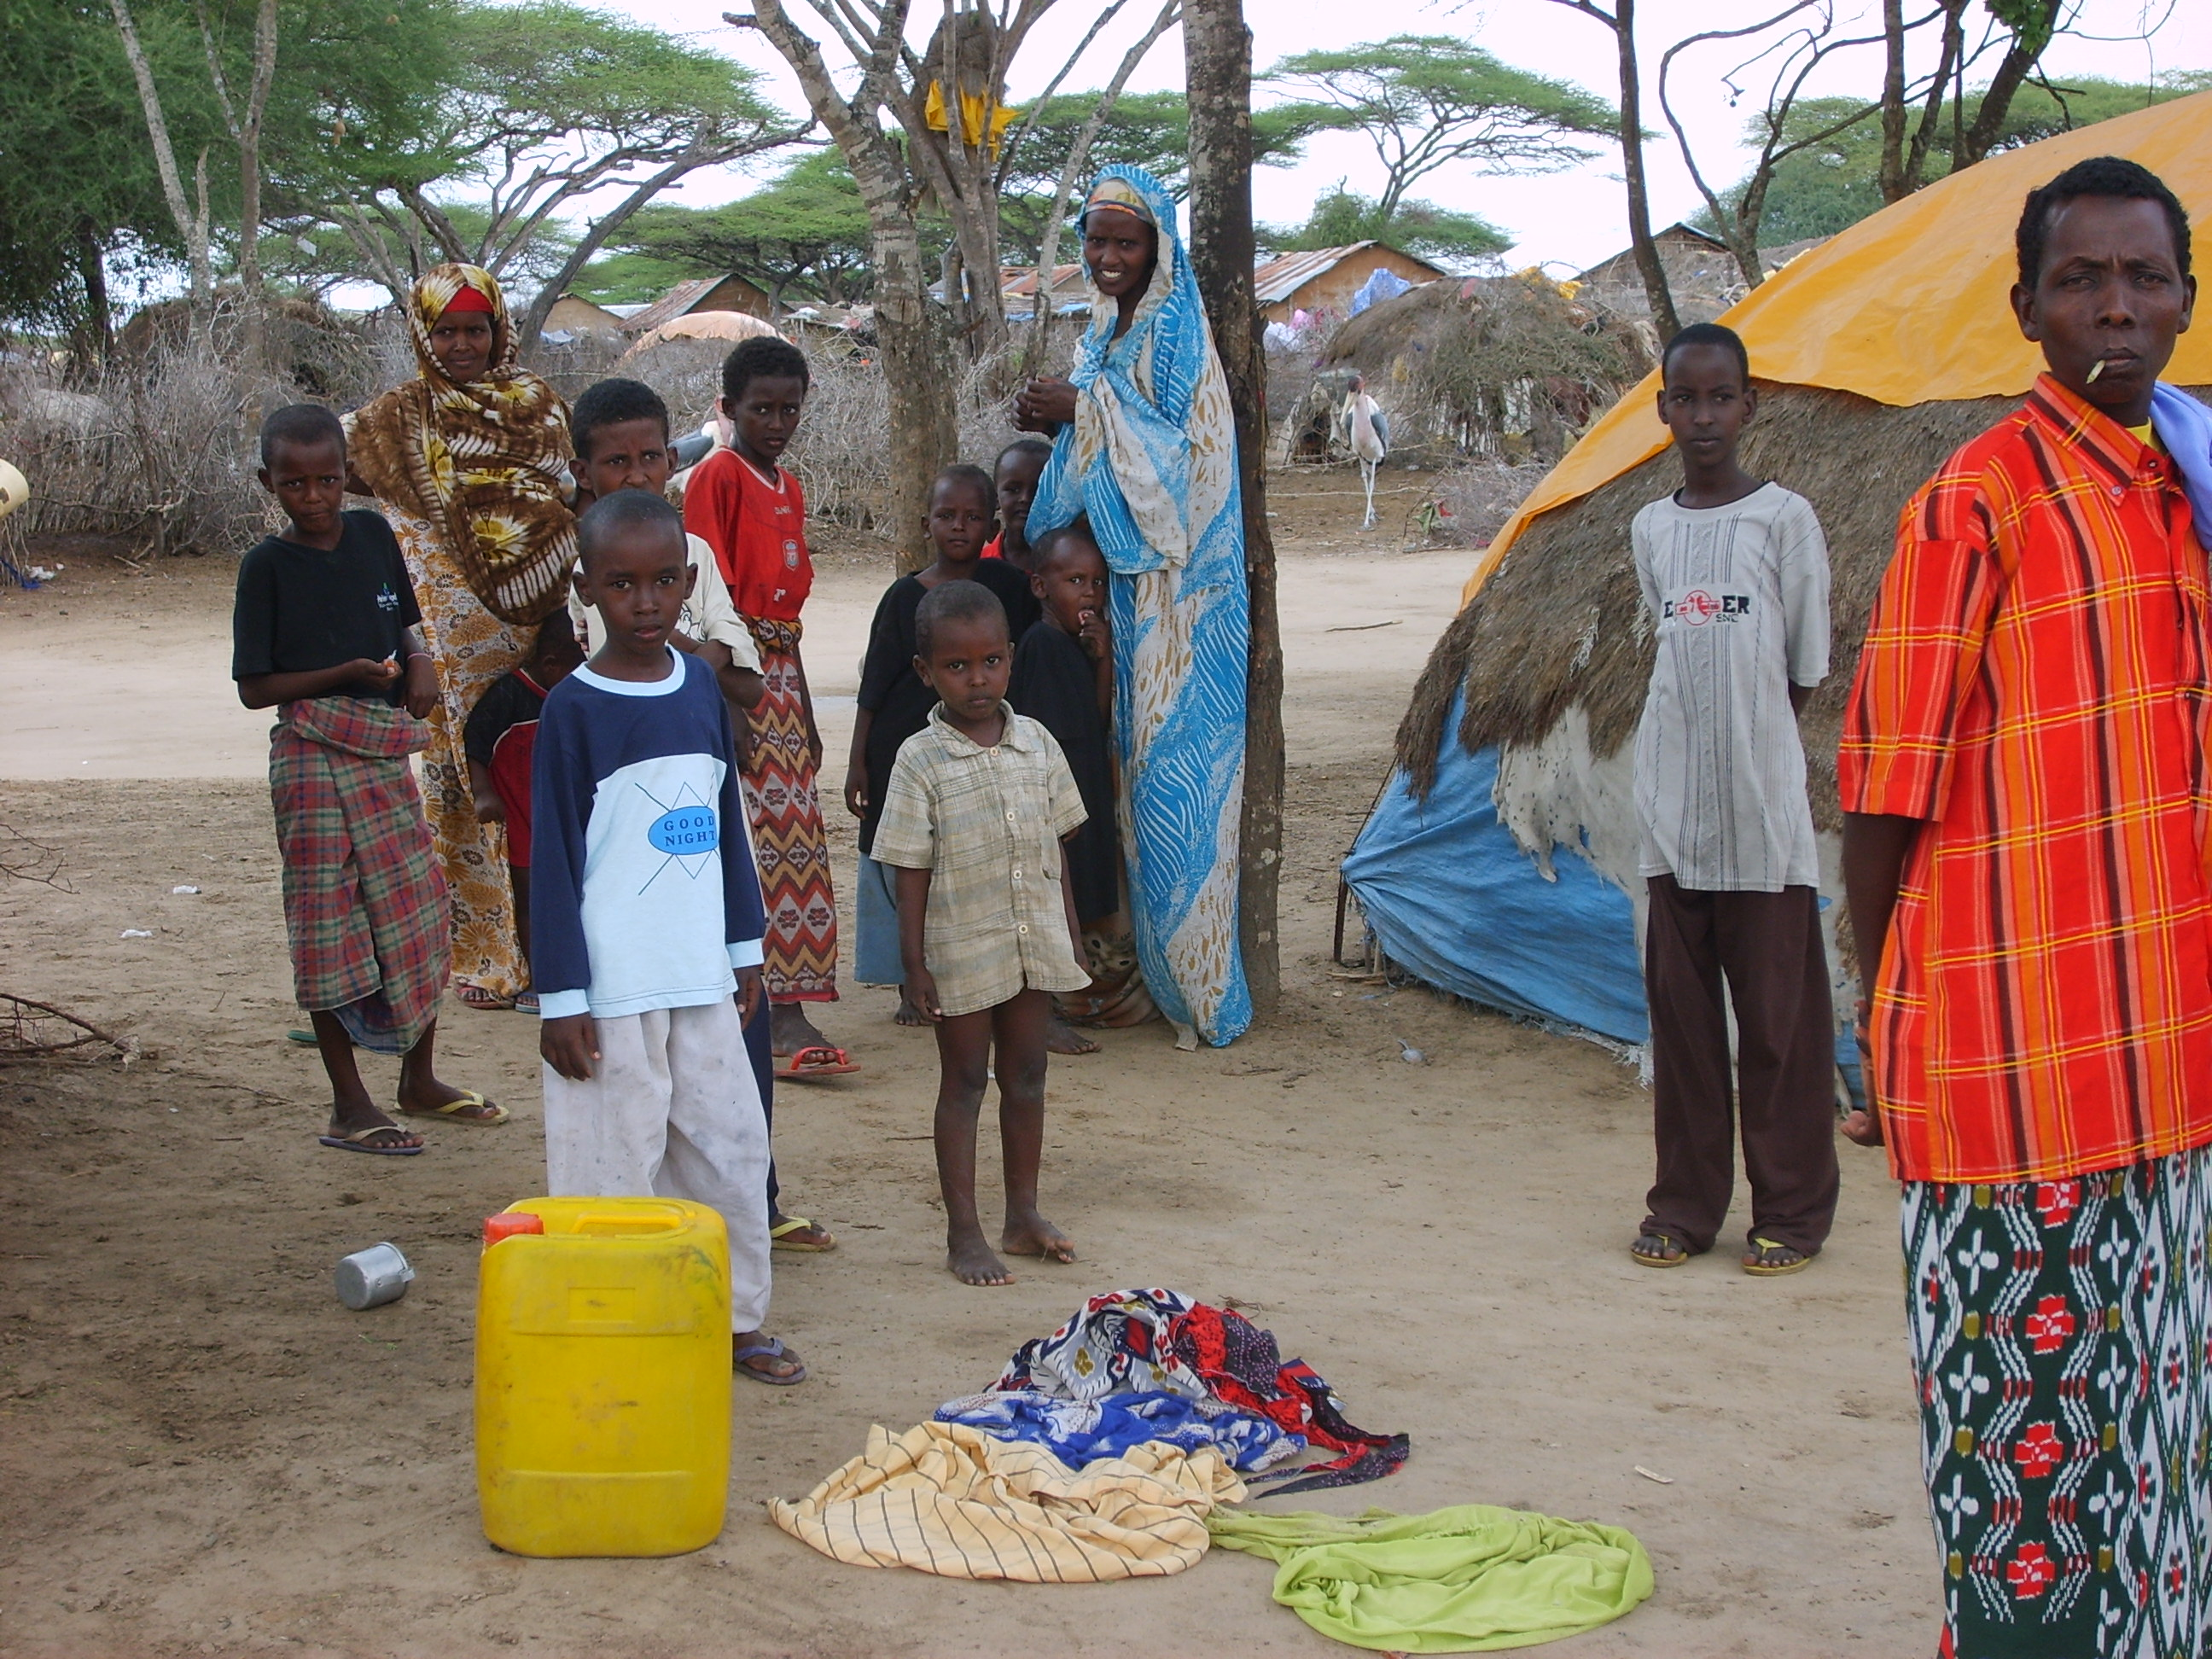 WaKiF Somalia 12